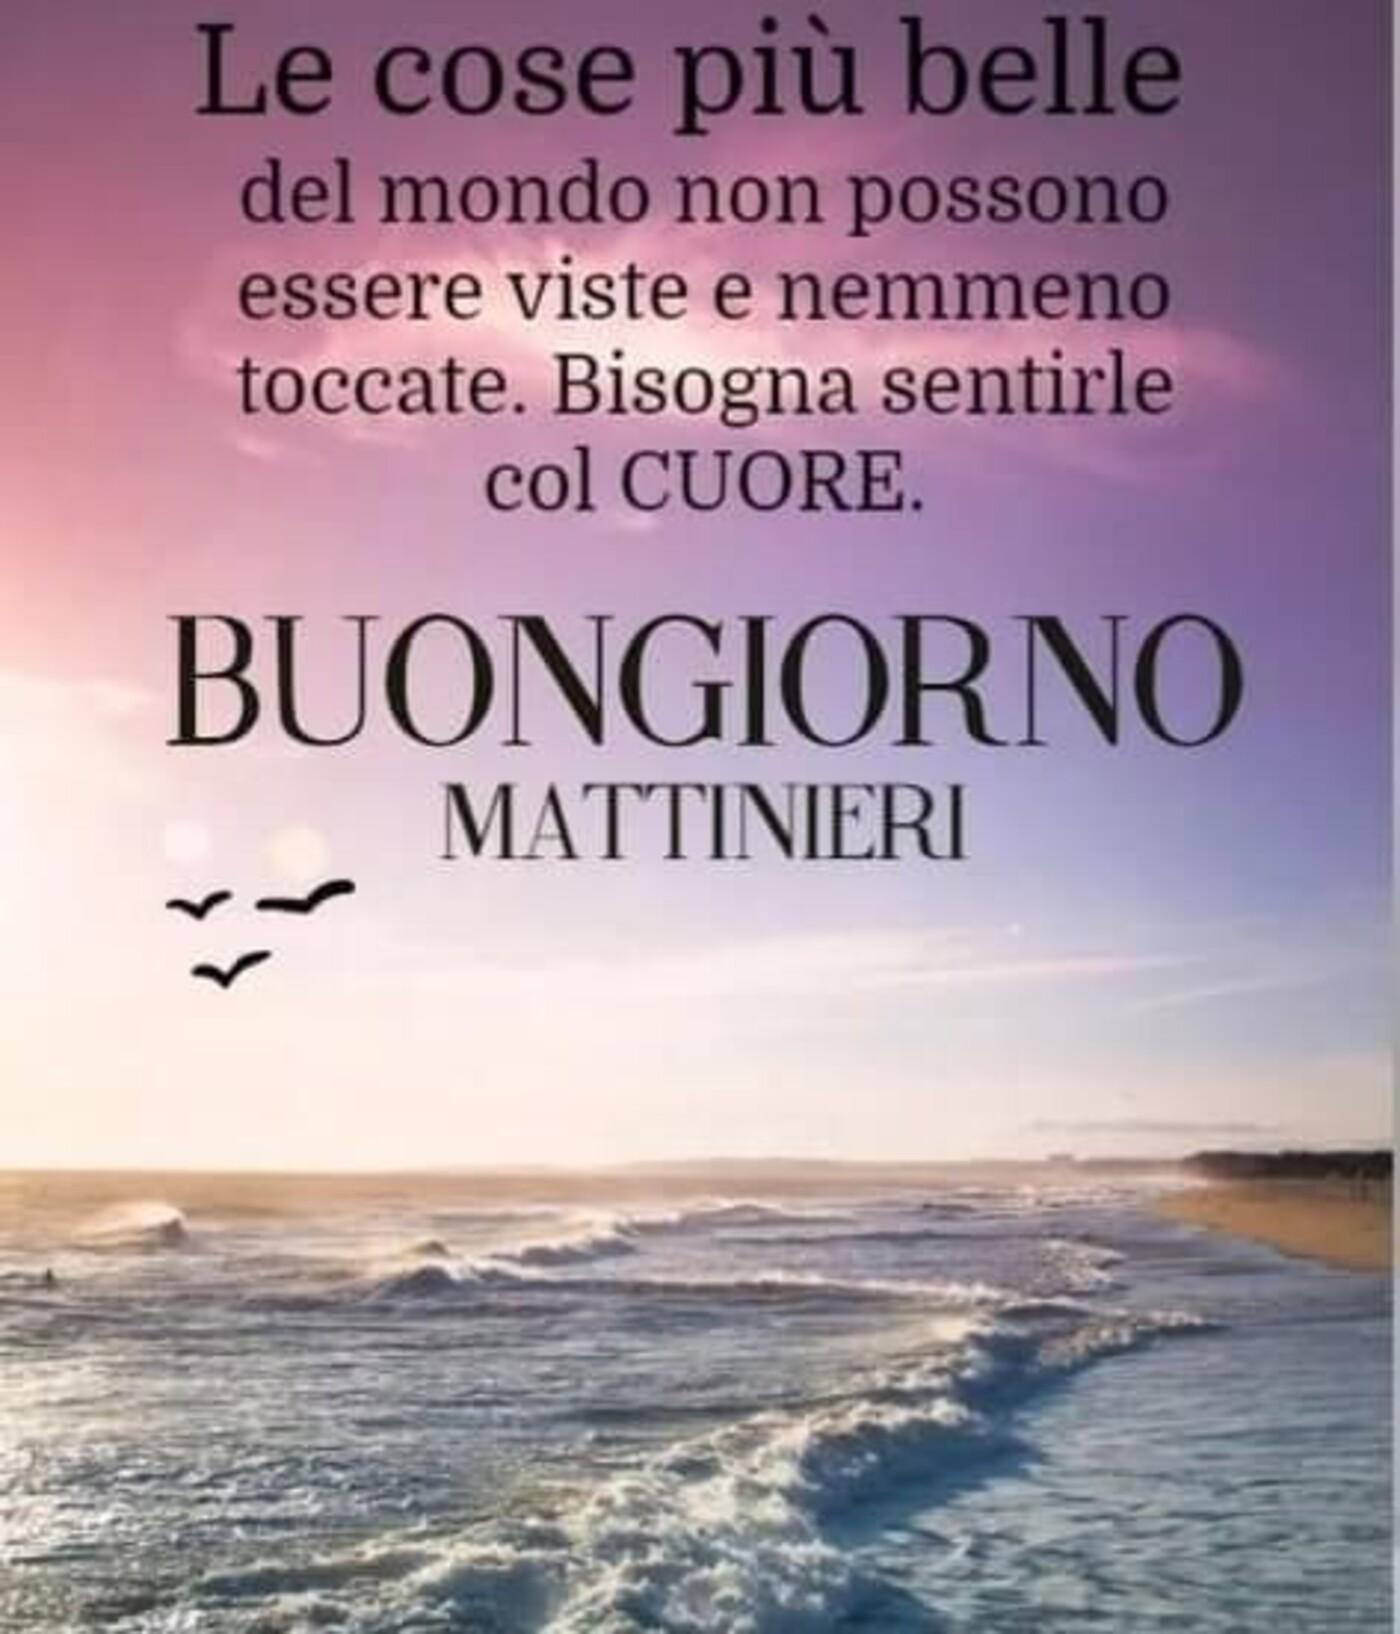 """""""Le cose più belle del mondo non possono essere viste... Buongiorno Mattinieri"""""""